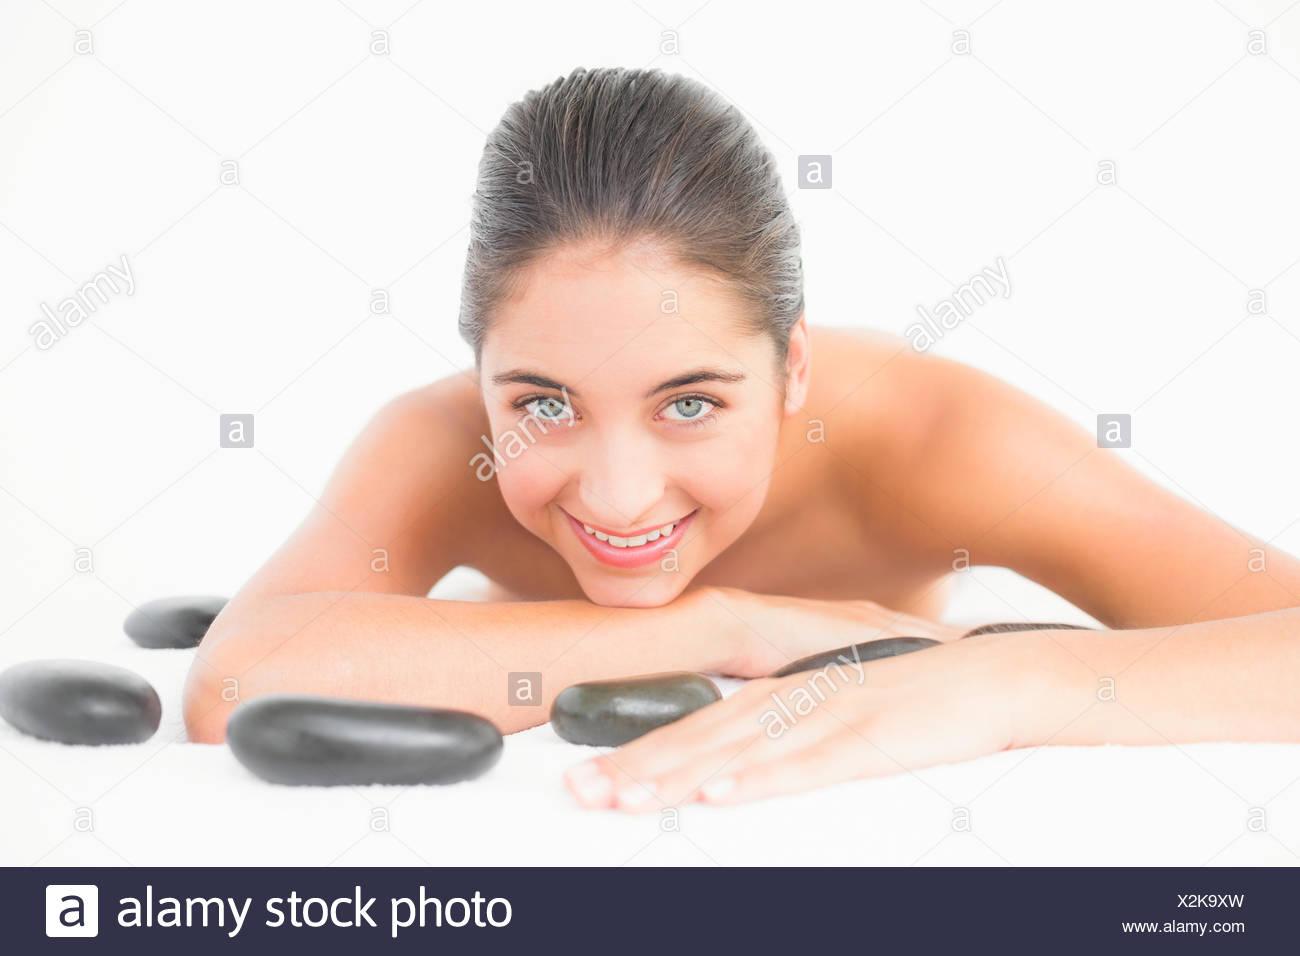 Pretty woman enjoying située à proximité des pierres chaudes Banque D'Images